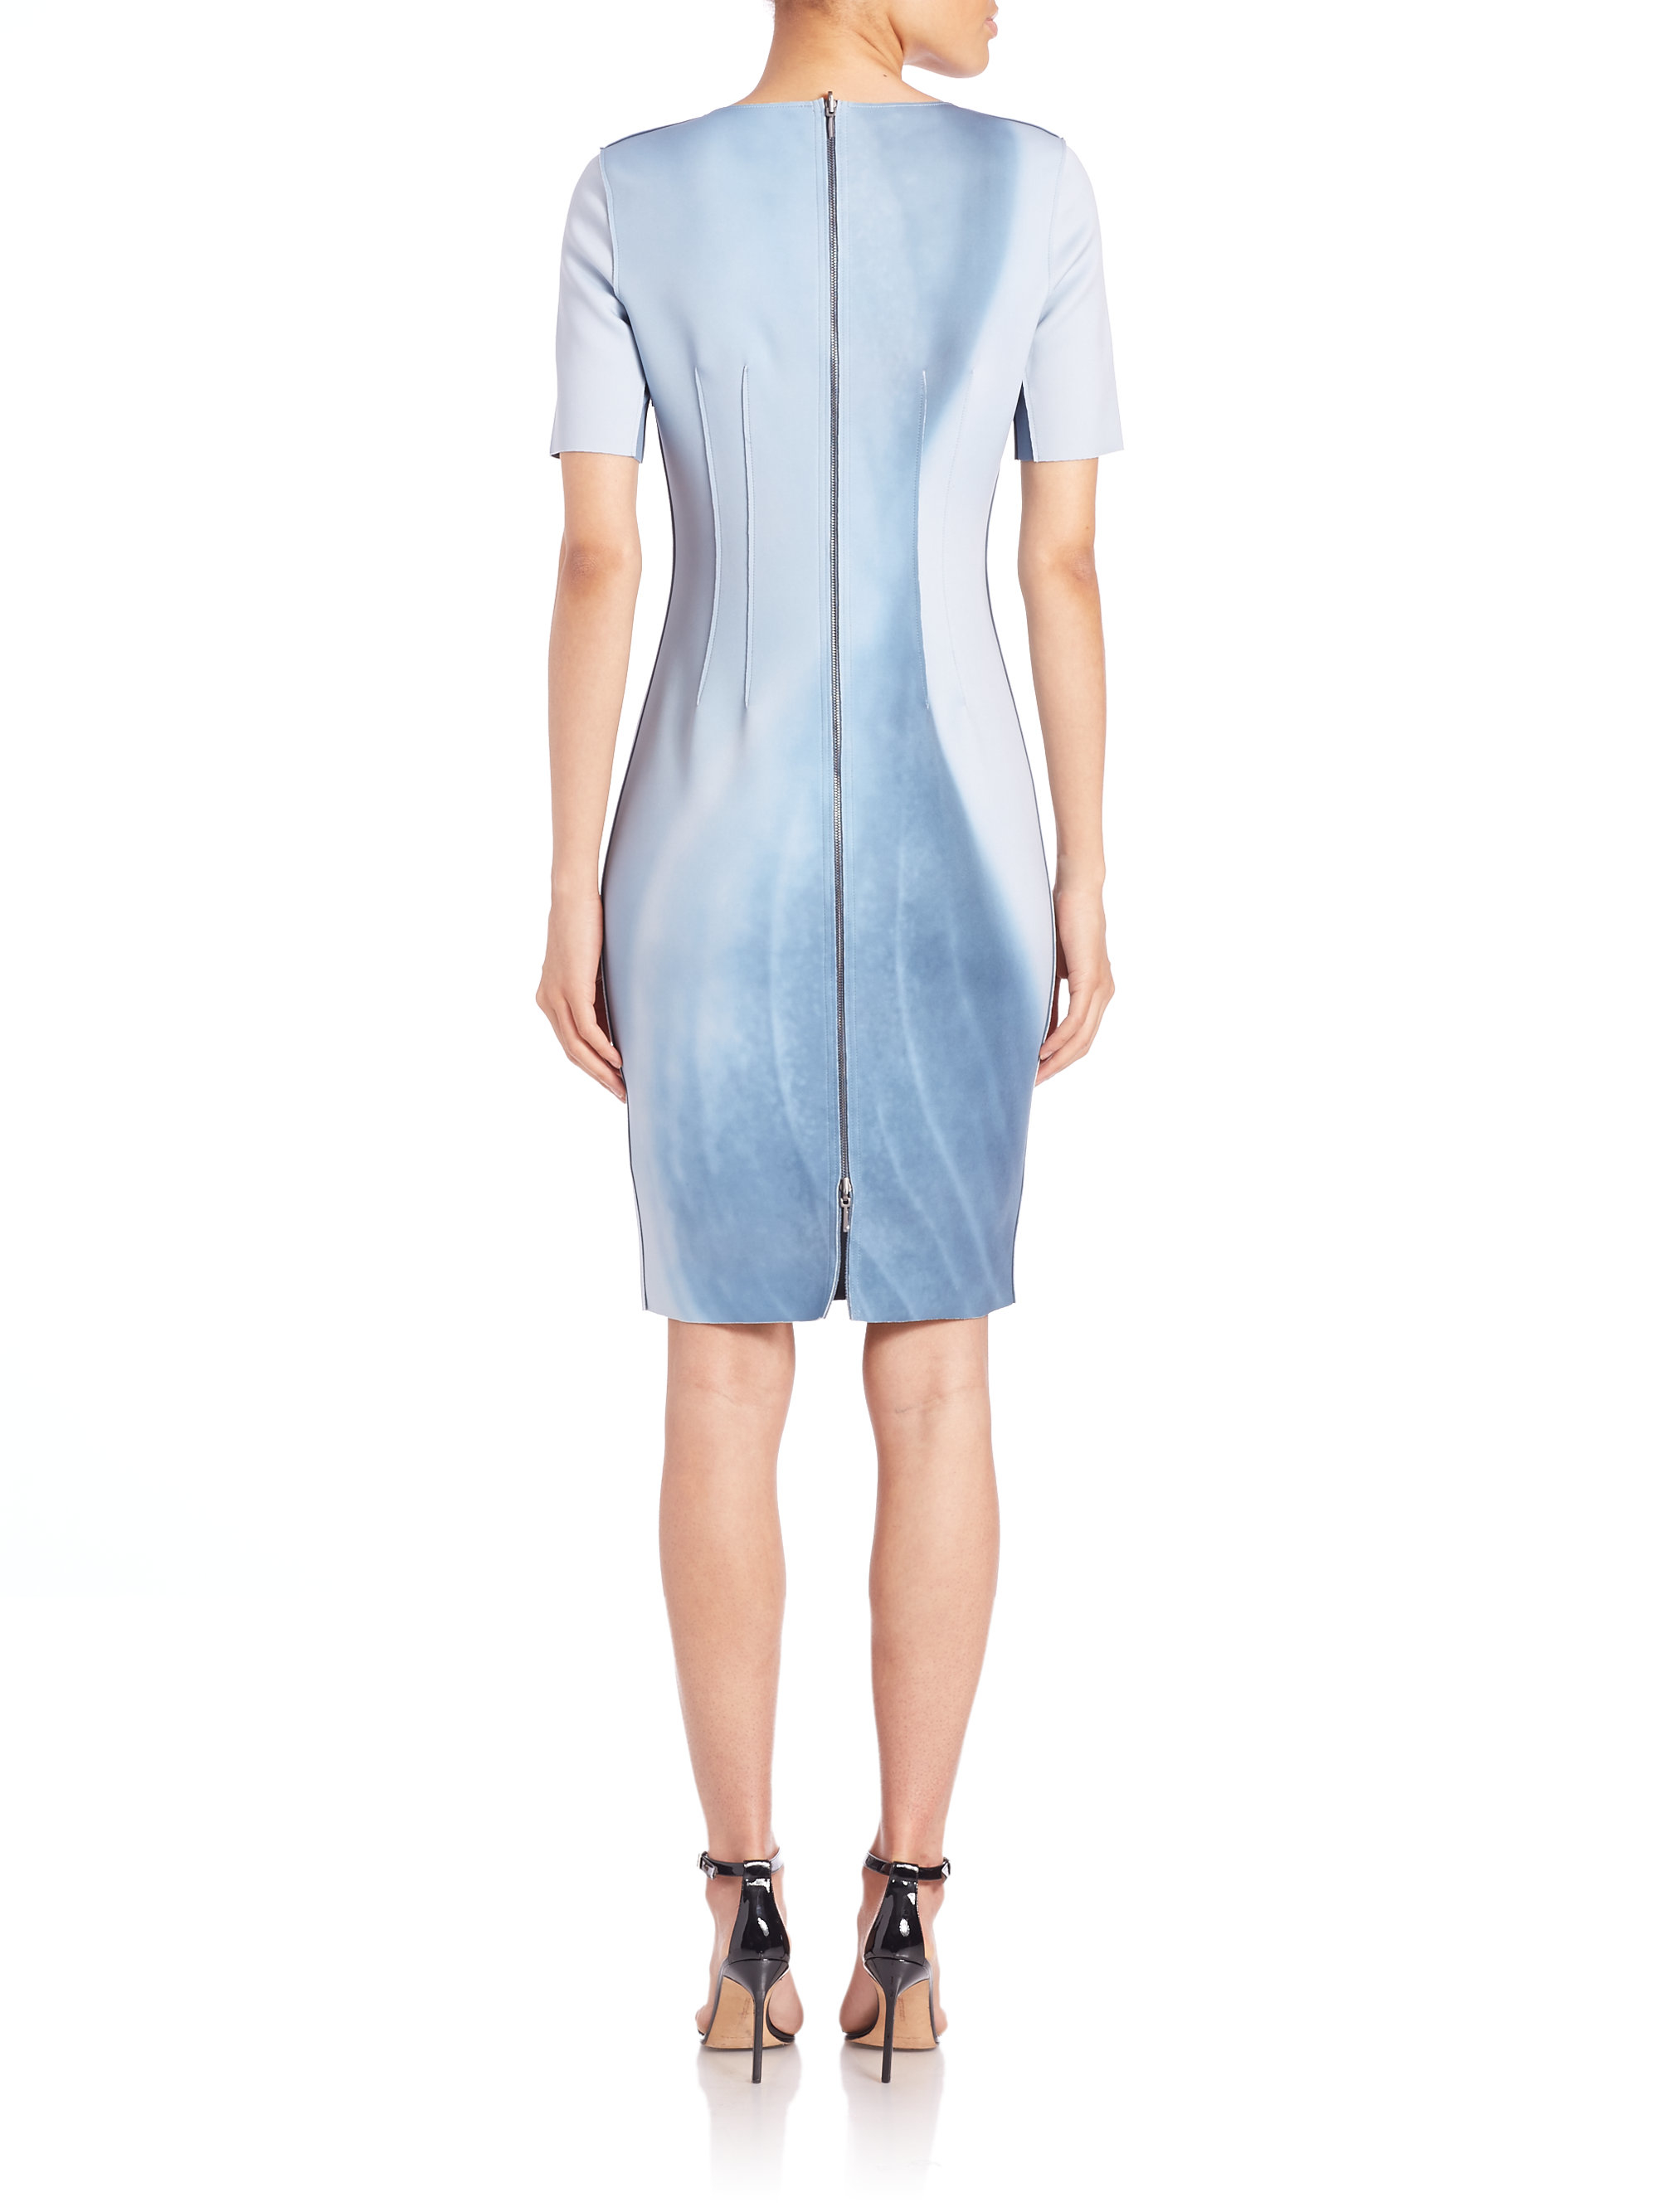 d50ed82ef590 Elie Tahari Gwenyth Dress in Blue - Lyst